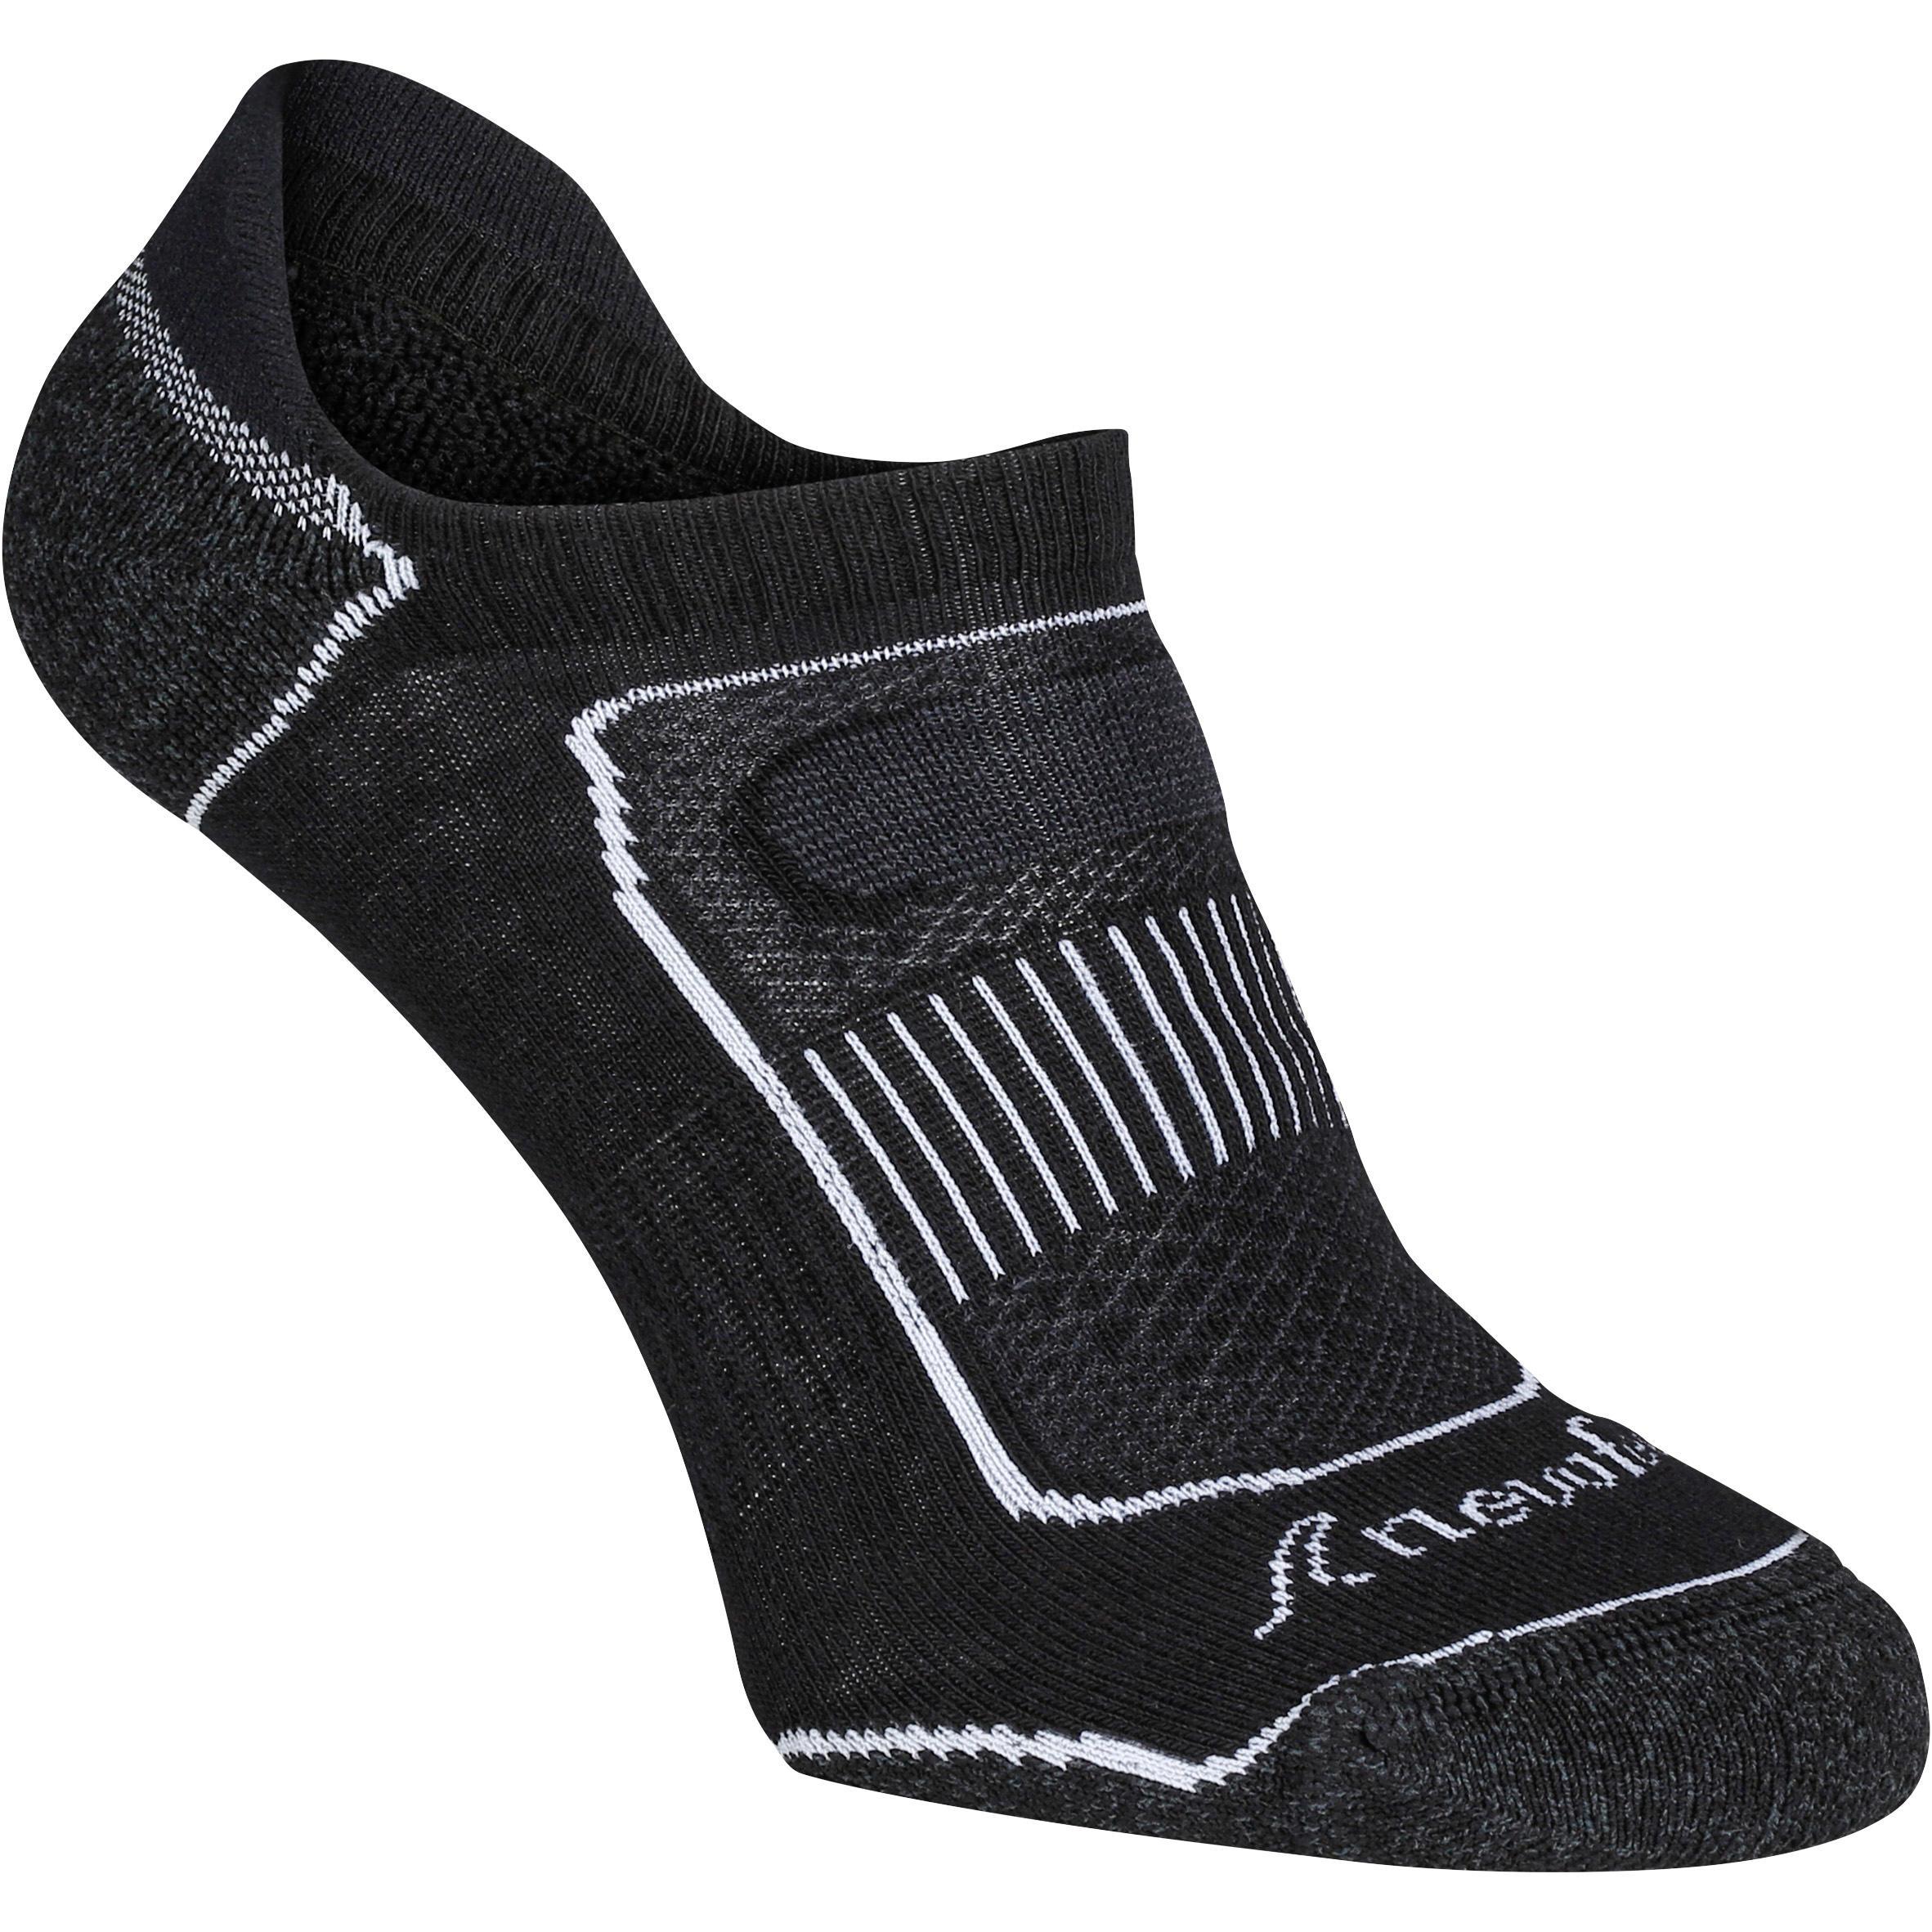 Newfeel Sokken Invisible 900 voor sportief wandelen